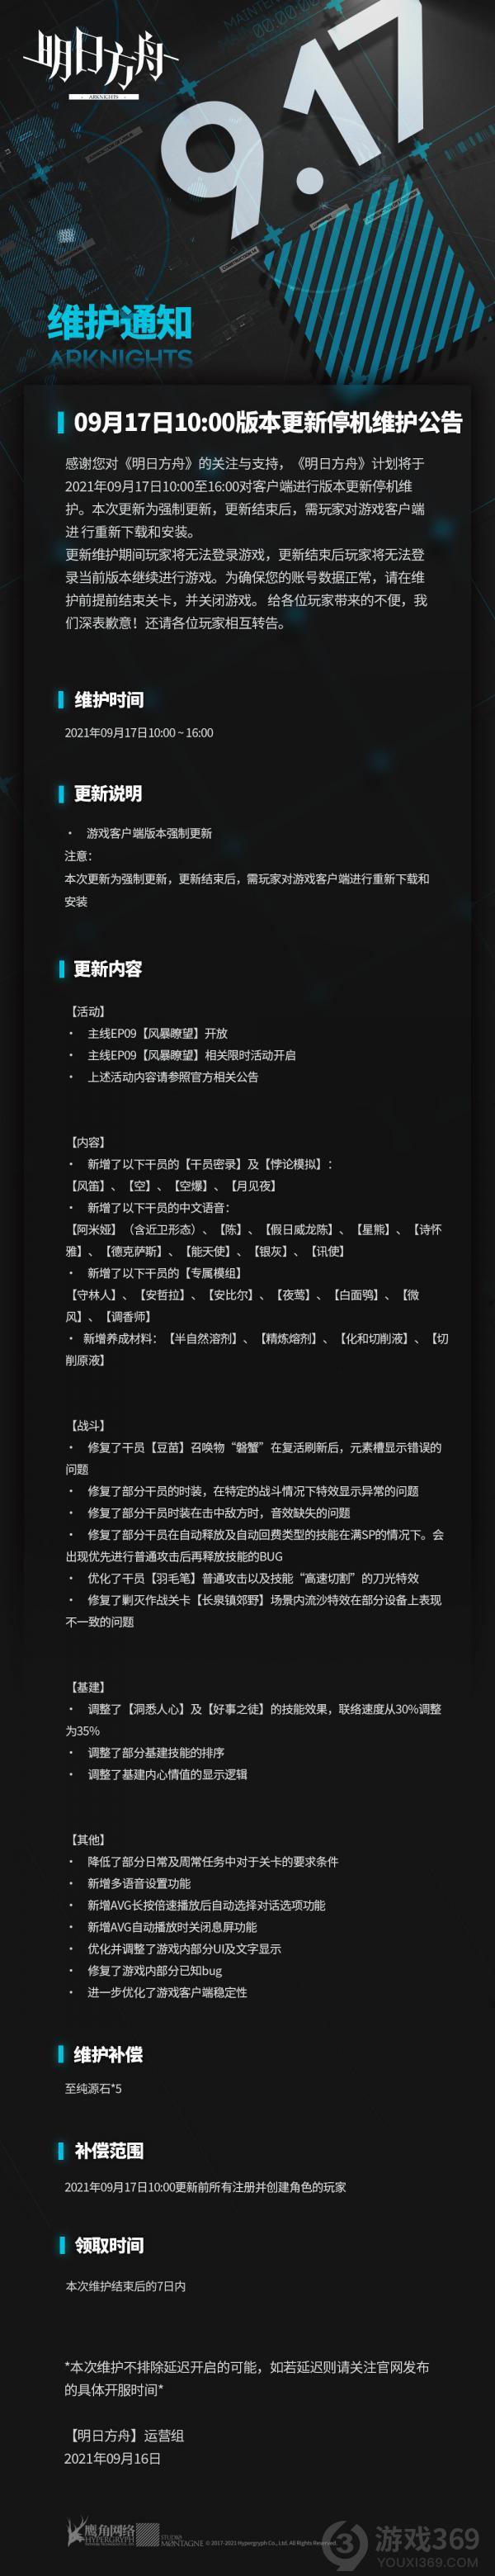 明日方舟9月17日更新了什么 明日方舟9月17日停机更新介绍